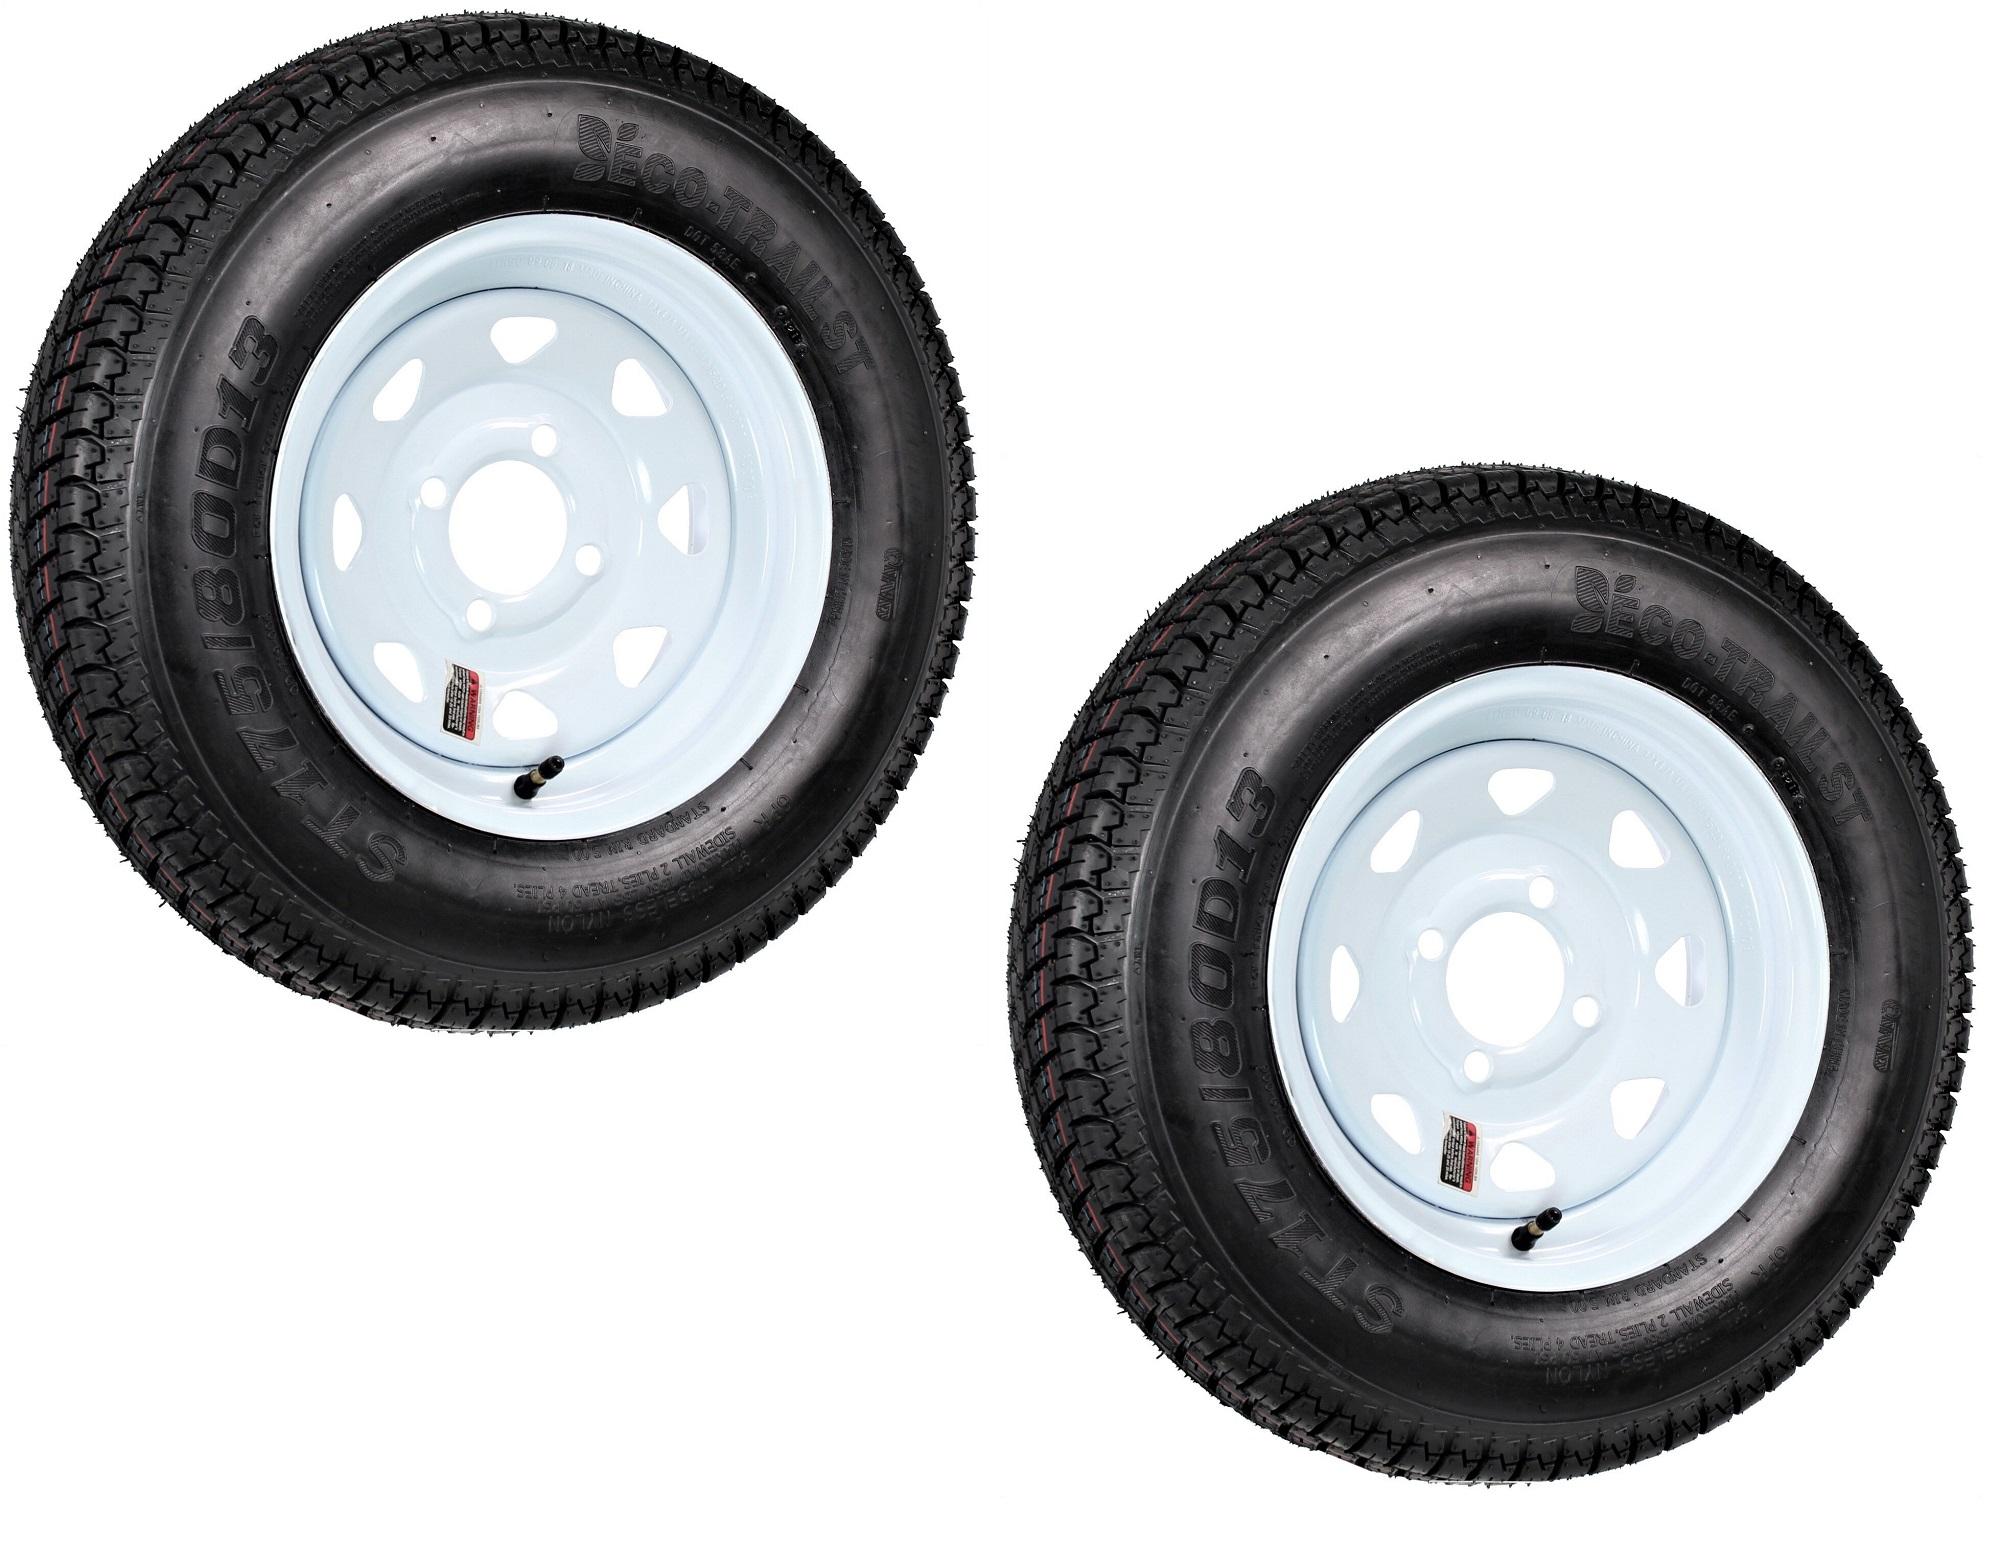 2-Pack Radial Trailer Tire On Rim ST175//80R13 13 in Load C 4 Lug White Spoke